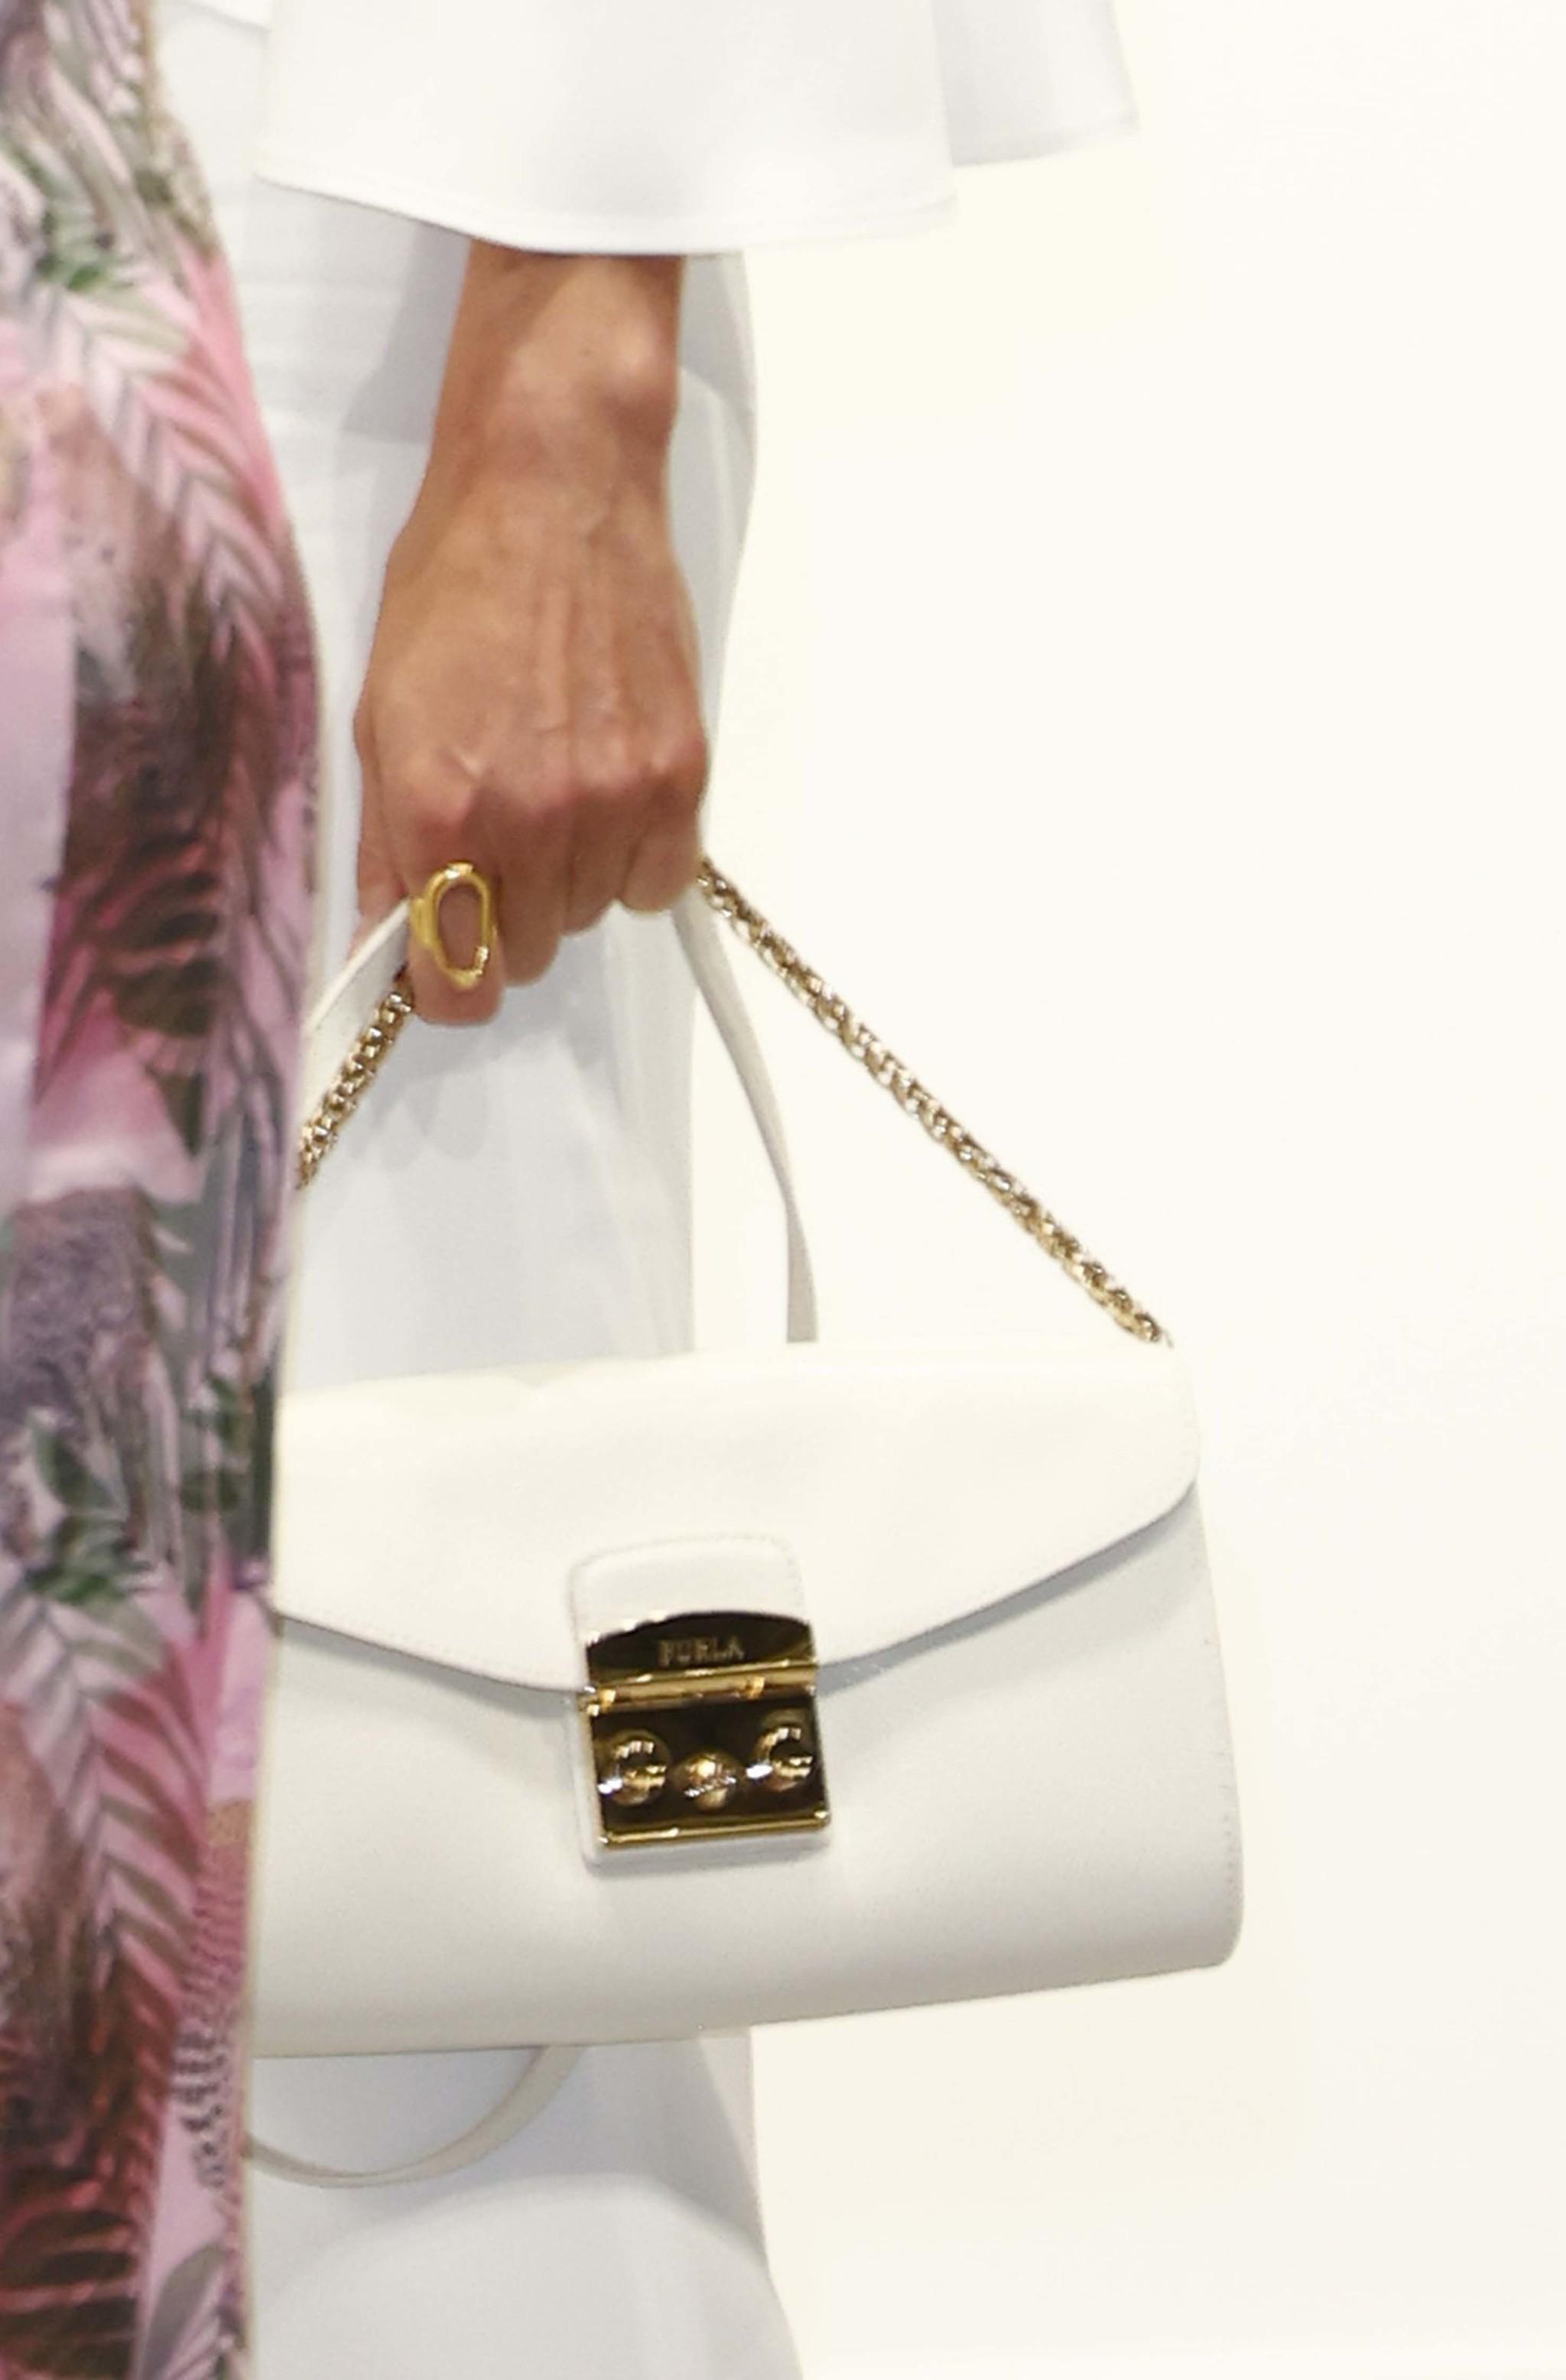 Detalle del bolso de la Reina.